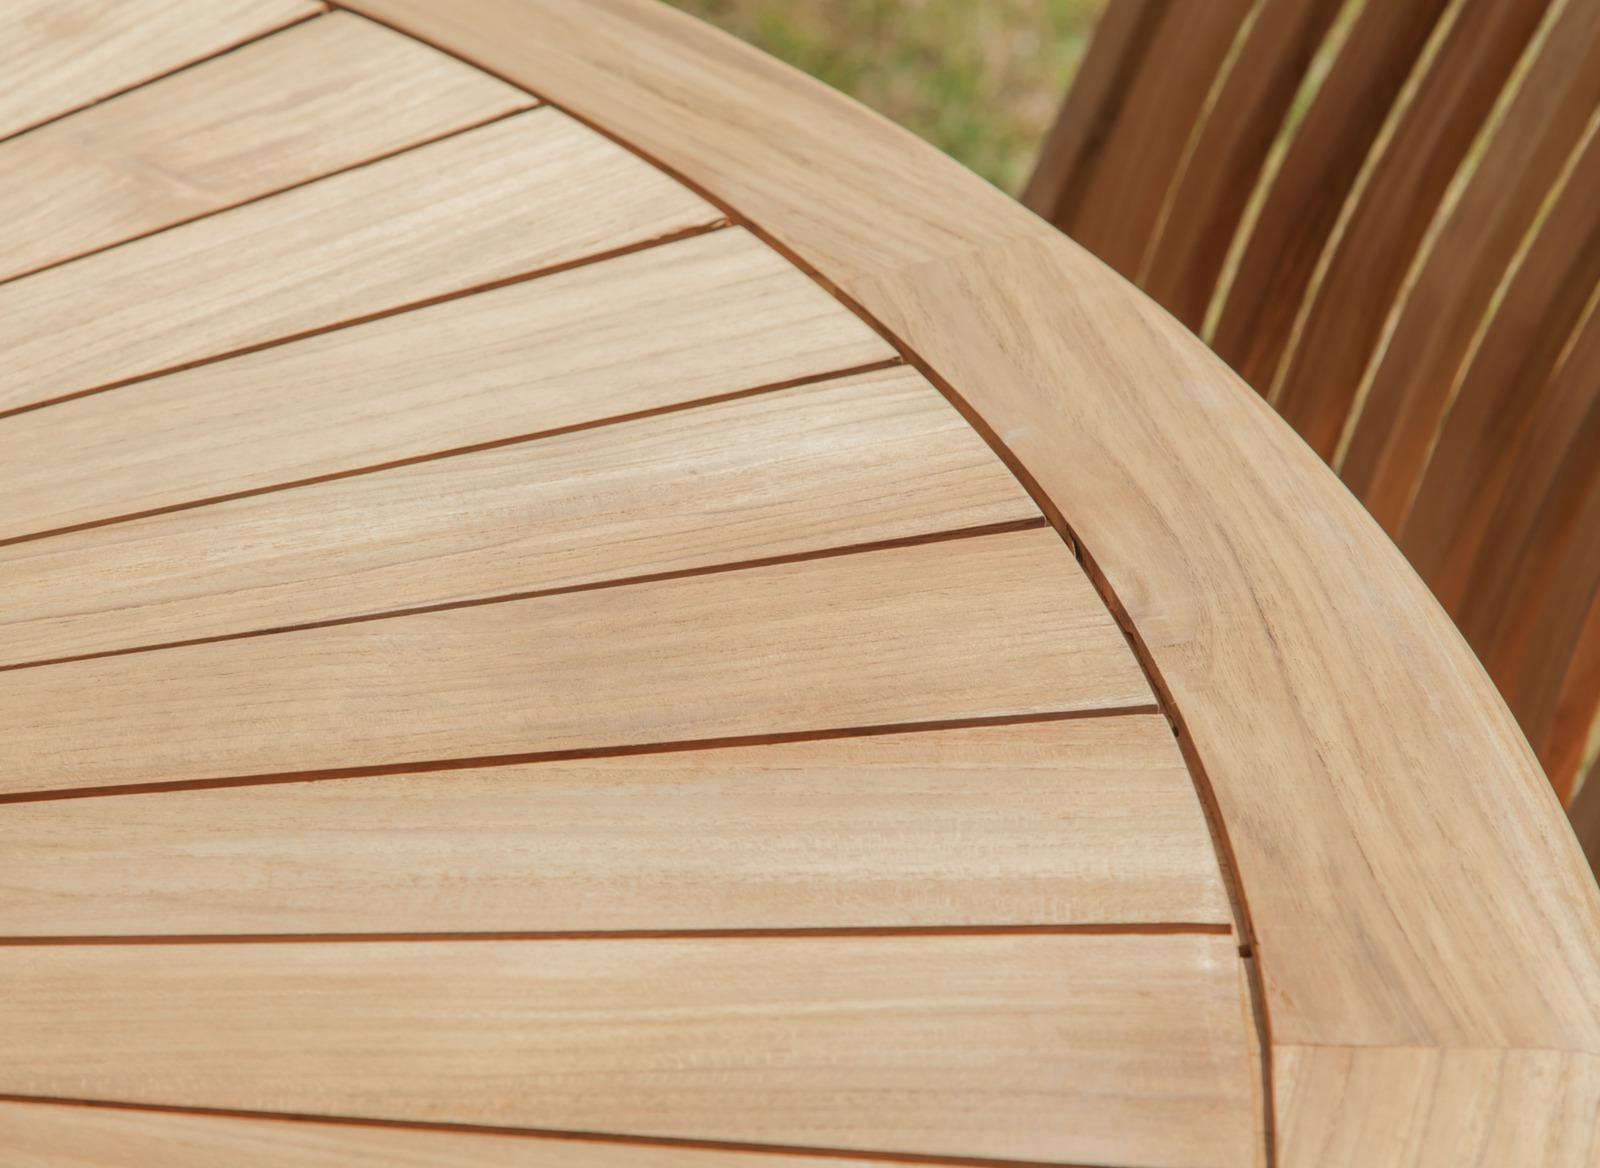 Saturateur de bois pour mobilier de jardin - Entretien - Proloisirs